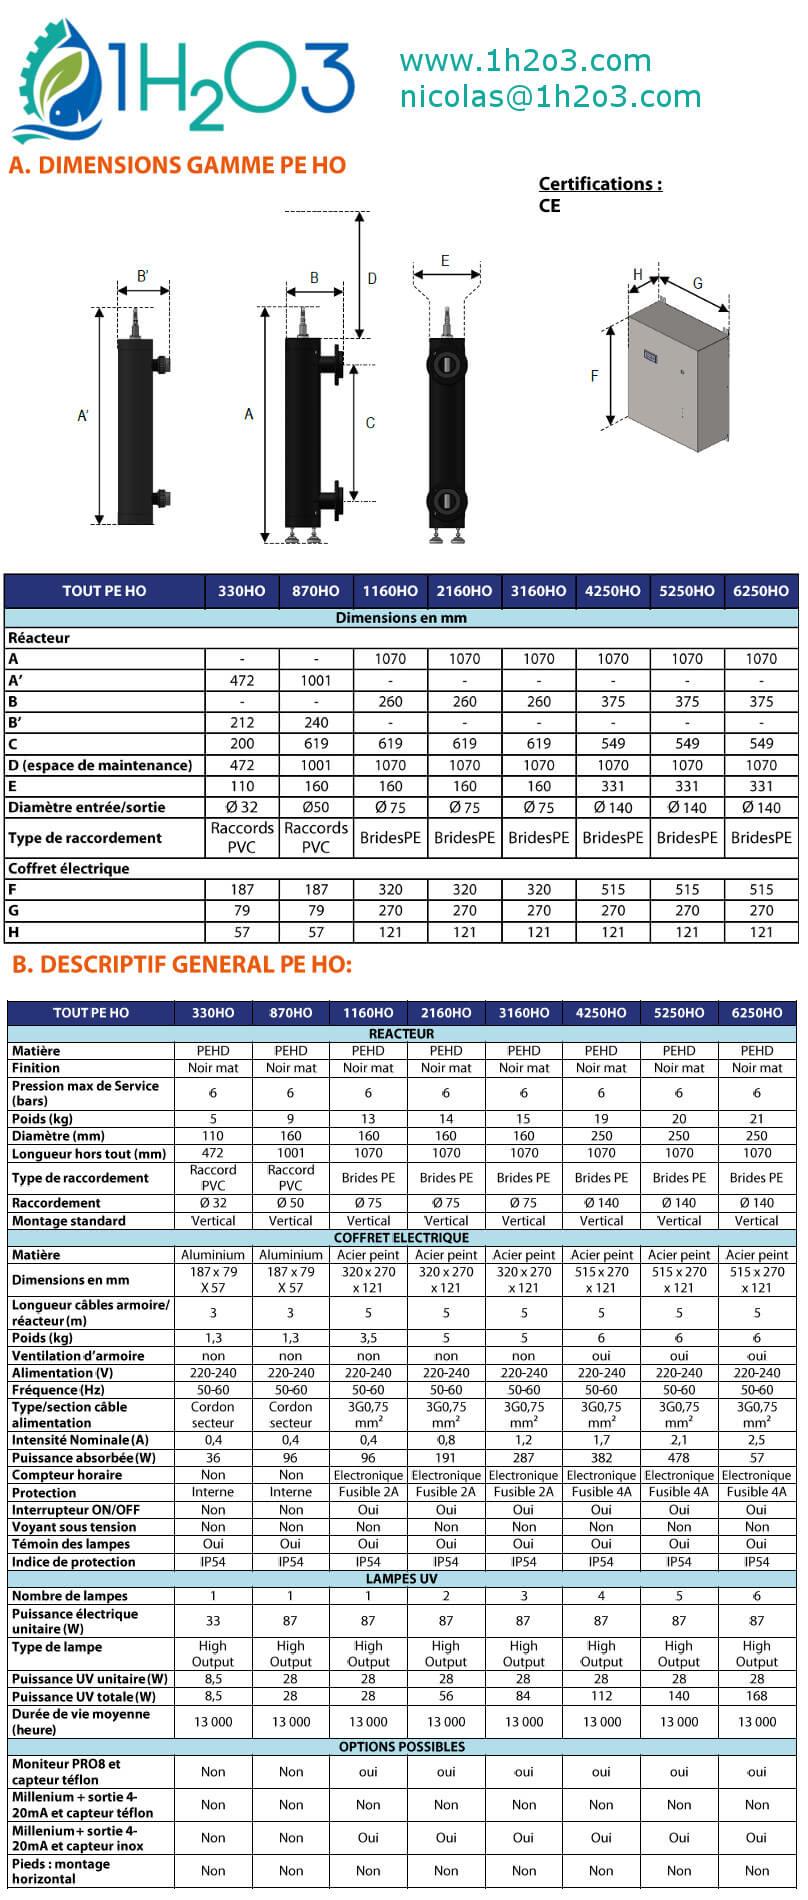 fiche-technique-desinfection-uv-pour-eau-corrosive-uv-disinfection-for-corrosive-water-PE330-PE870-PE1160-PE2160-PE3160-PE42500-PE5250-PE6250-1h2o3